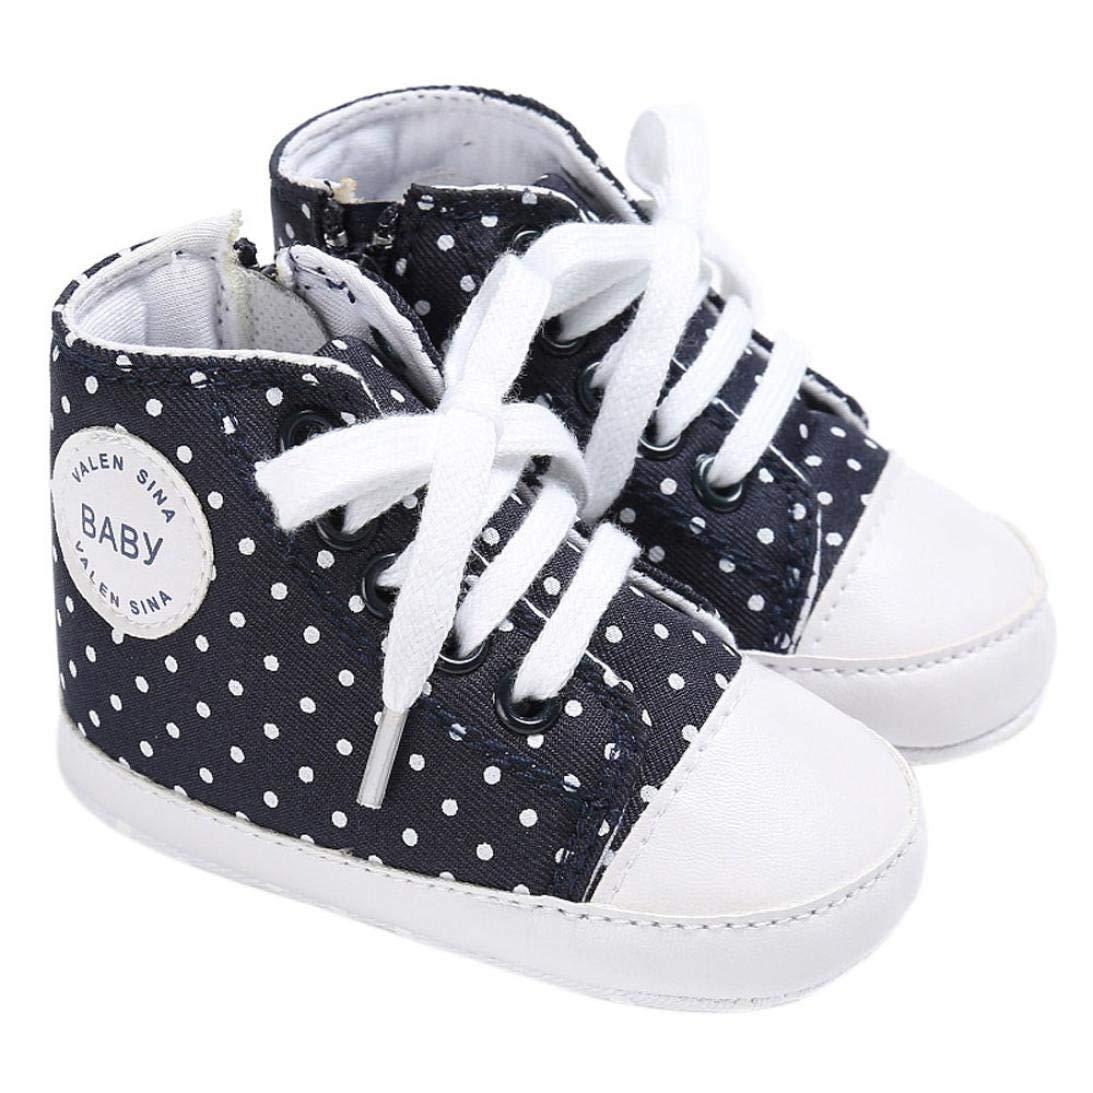 b92de8576778 Get Quotations · Fabal Baby Shoes Boy Girl Newborn Crib Soft Sole Shoe  Sneakers